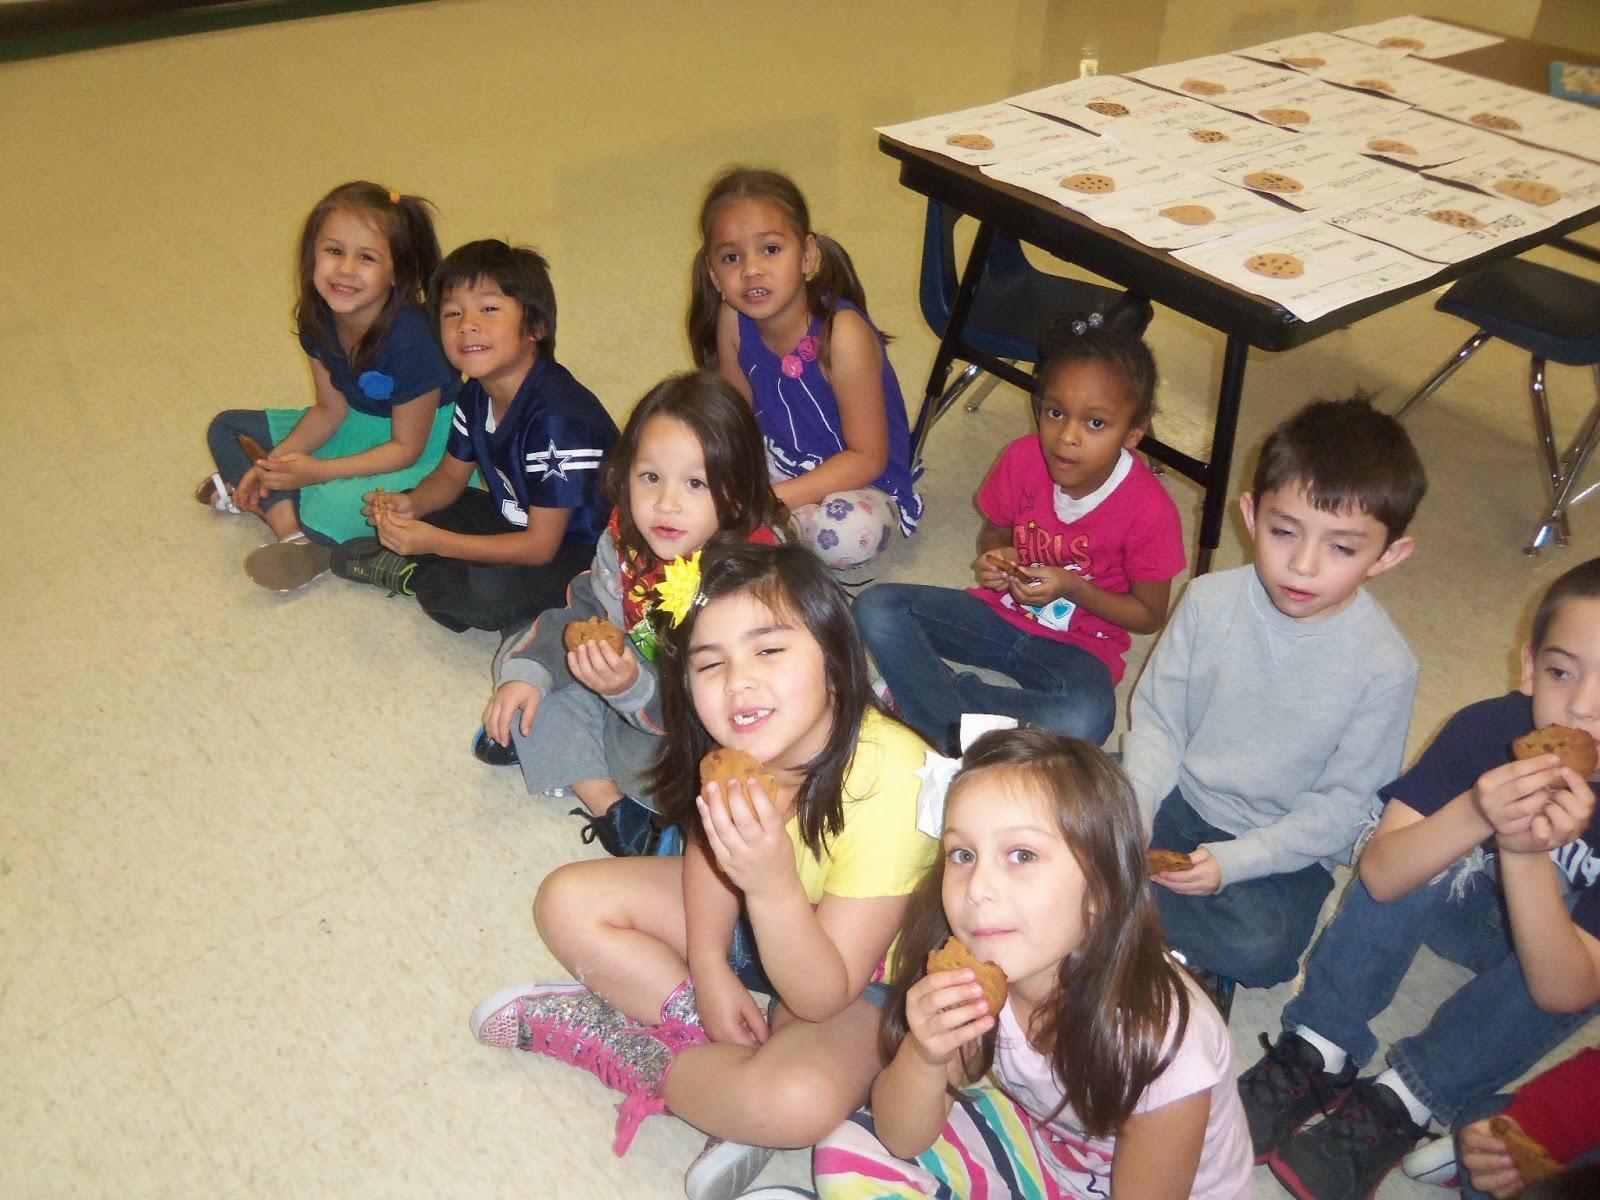 Kinder Garden: Mrs. Wood's Kindergarten Class: One Smart Cookie